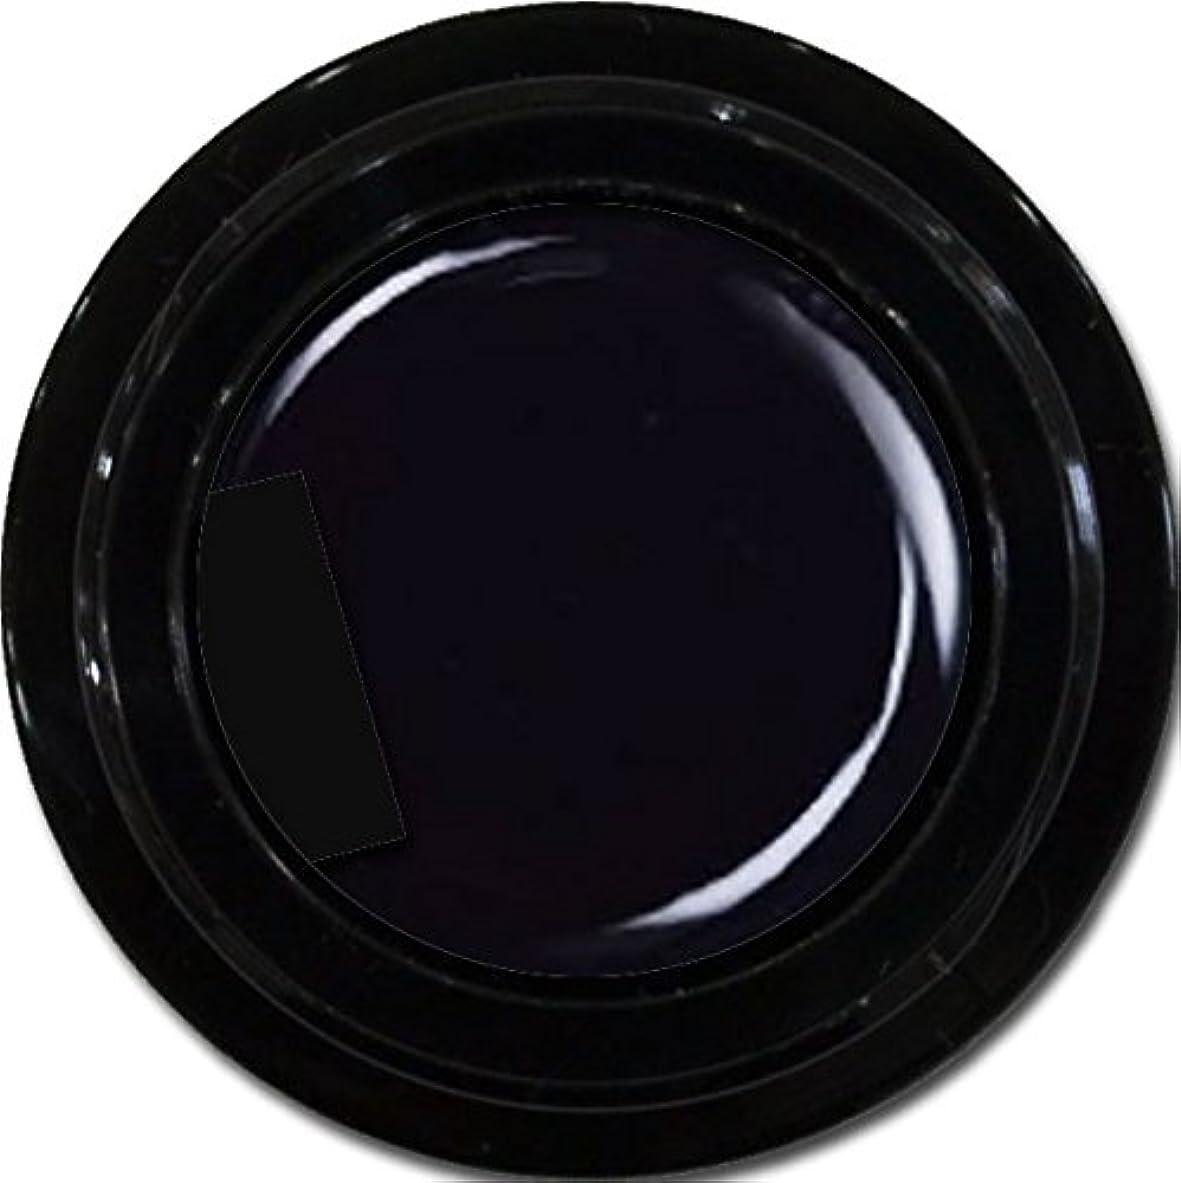 バイバイ拡散する不良品カラージェル enchant color gel M901 Extreme Black 3g/マットカラージェル M901 エクストリームブラック 3グラム